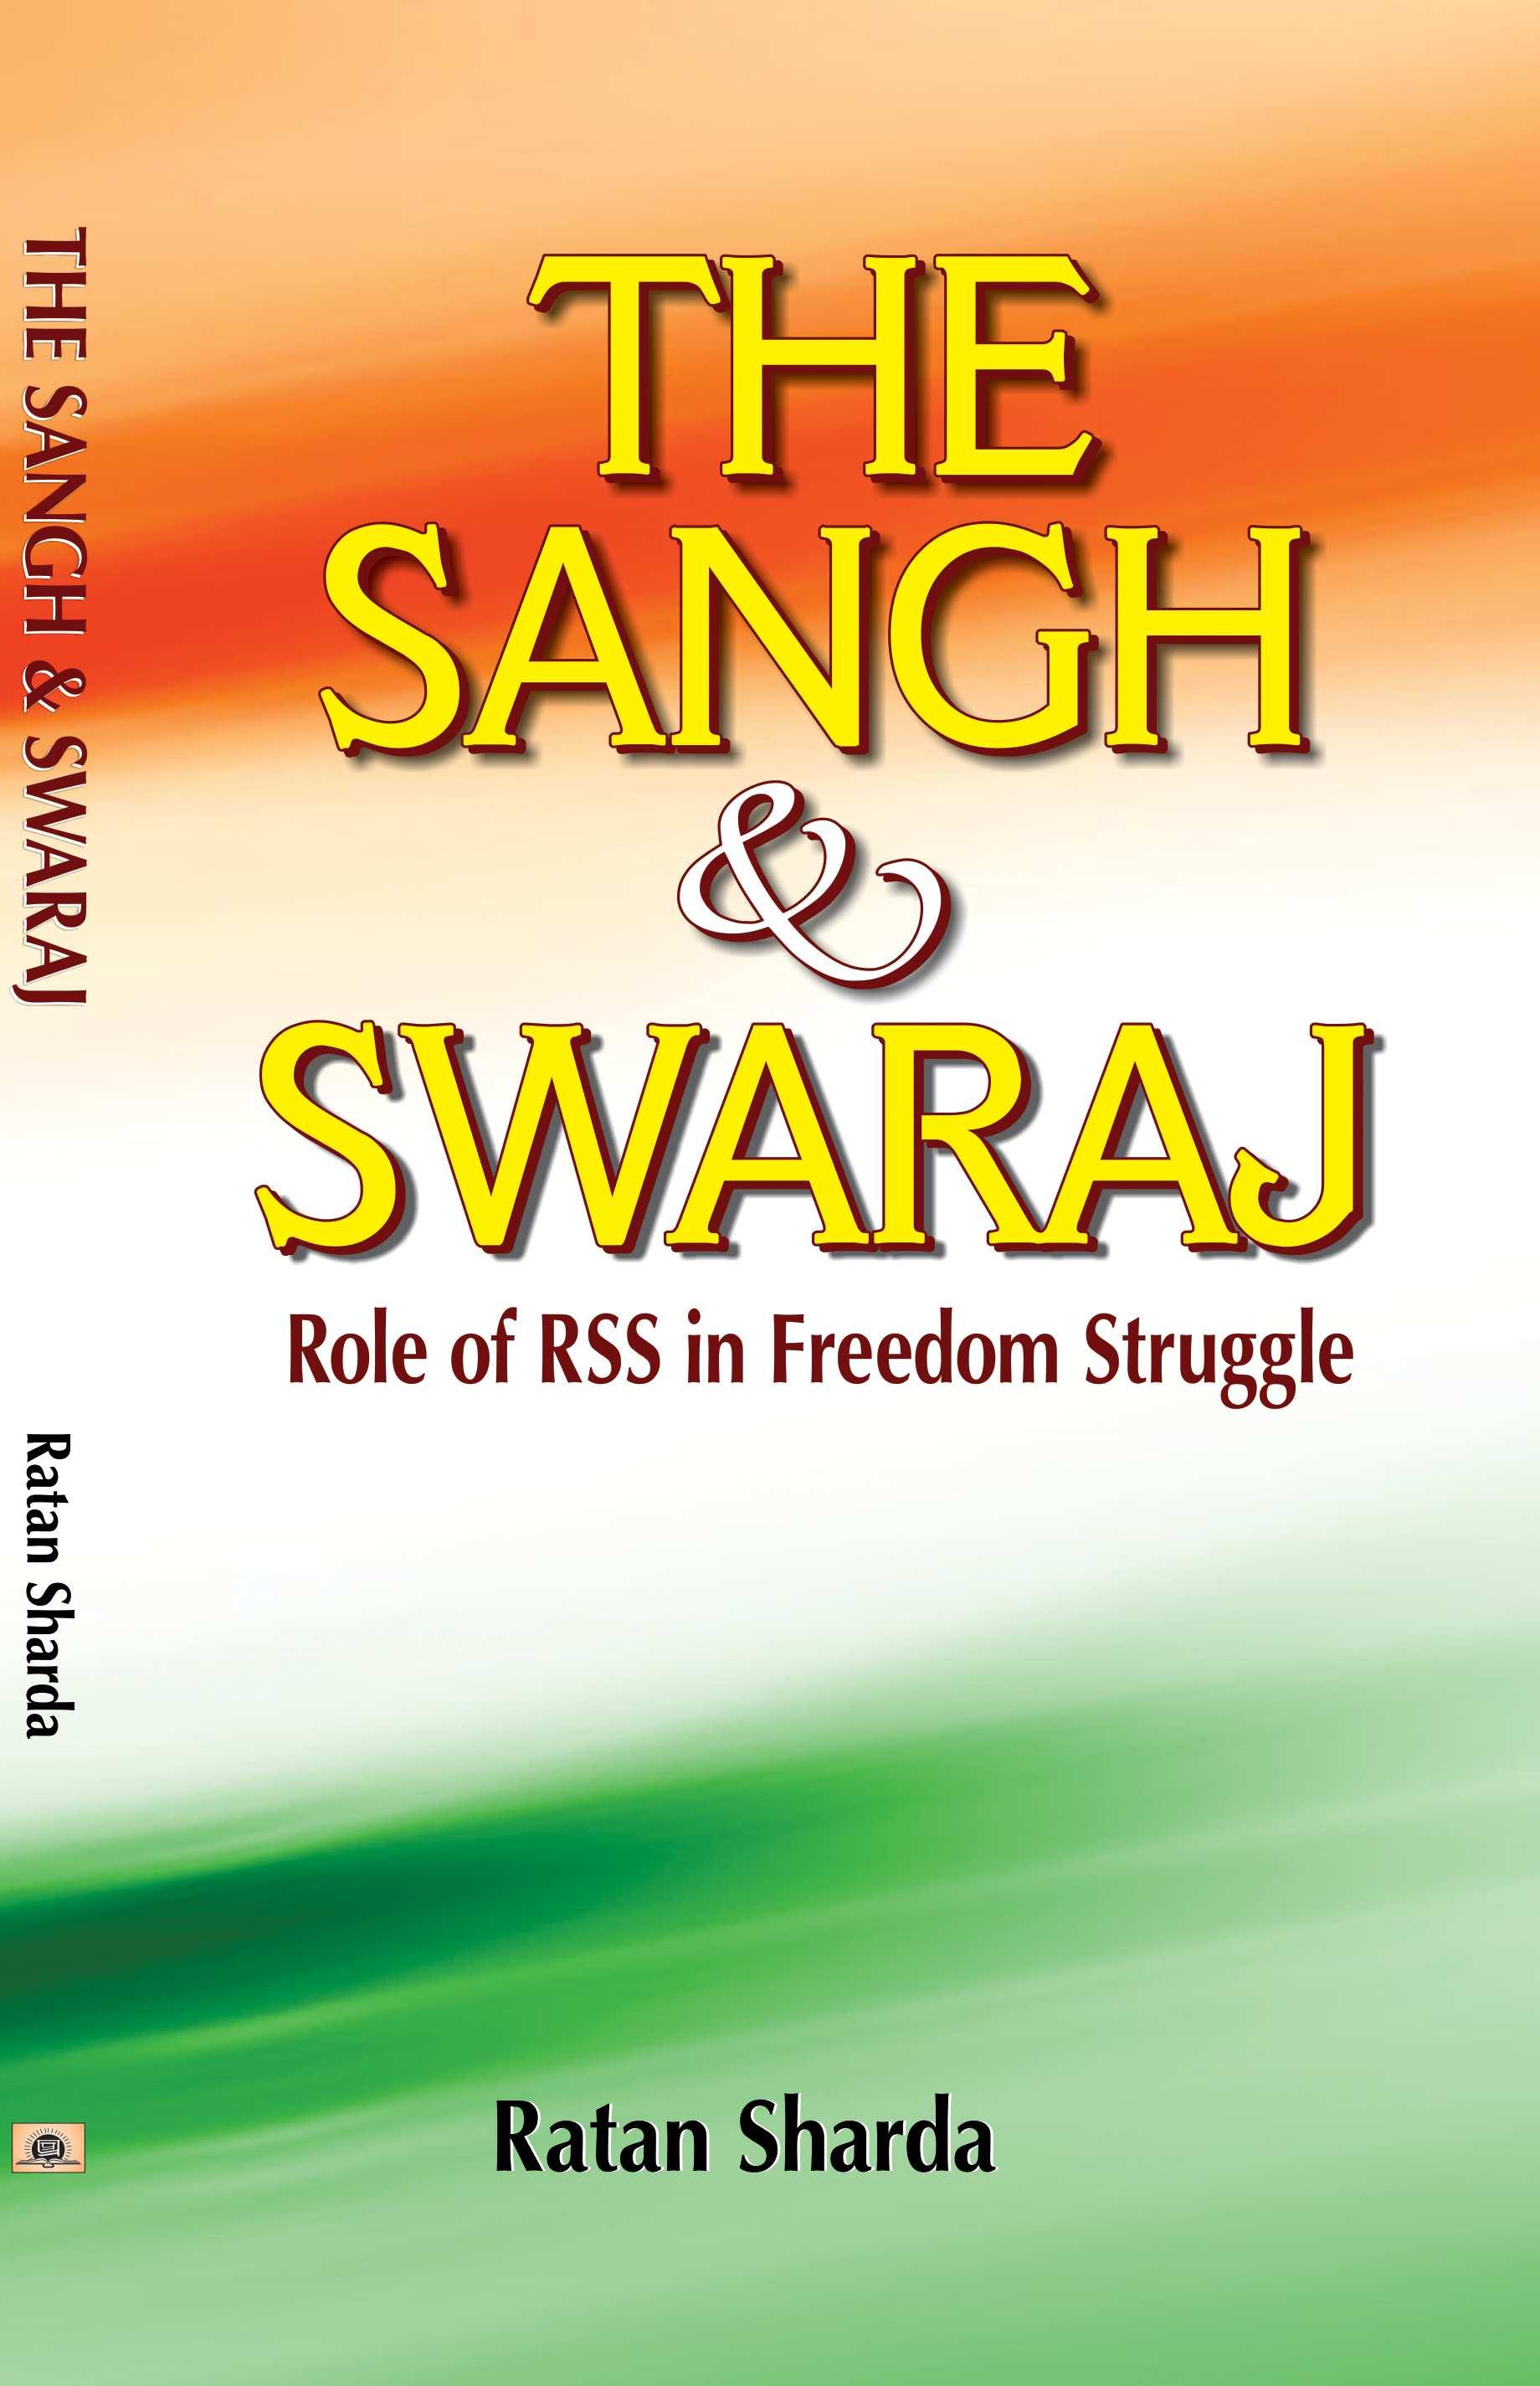 The Sangh & Swaraj